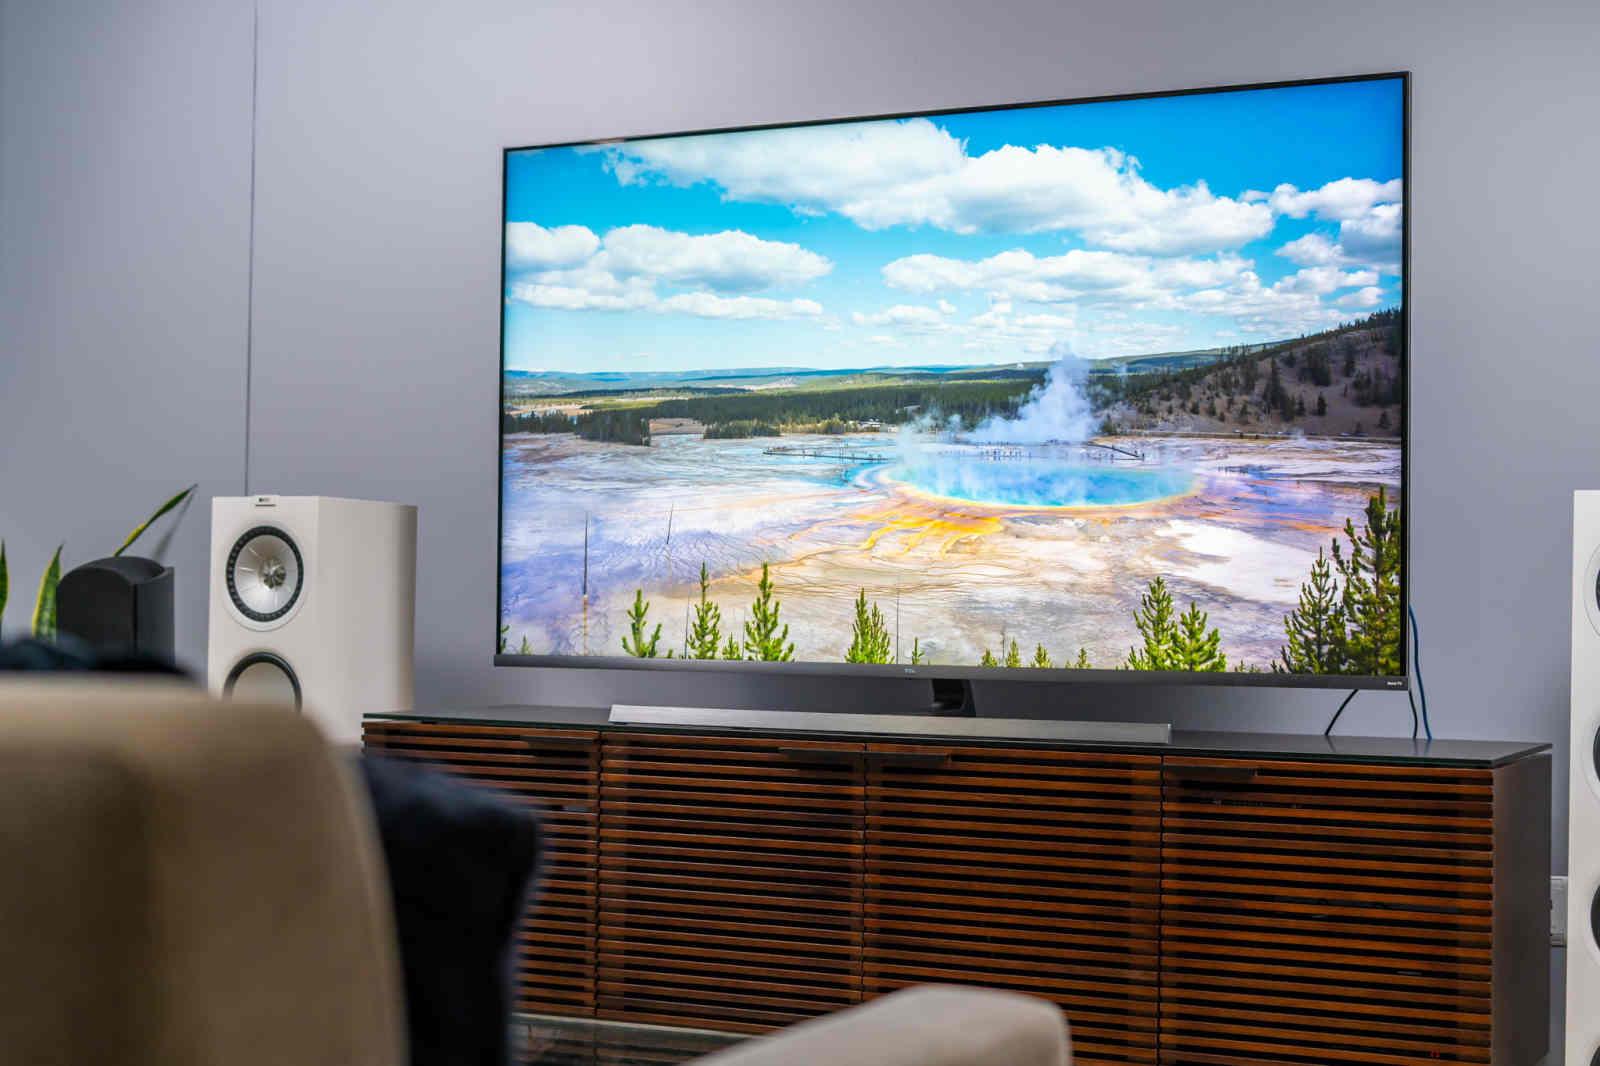 TV Samsung năm 2021 sẽ có đèn nền miniLED